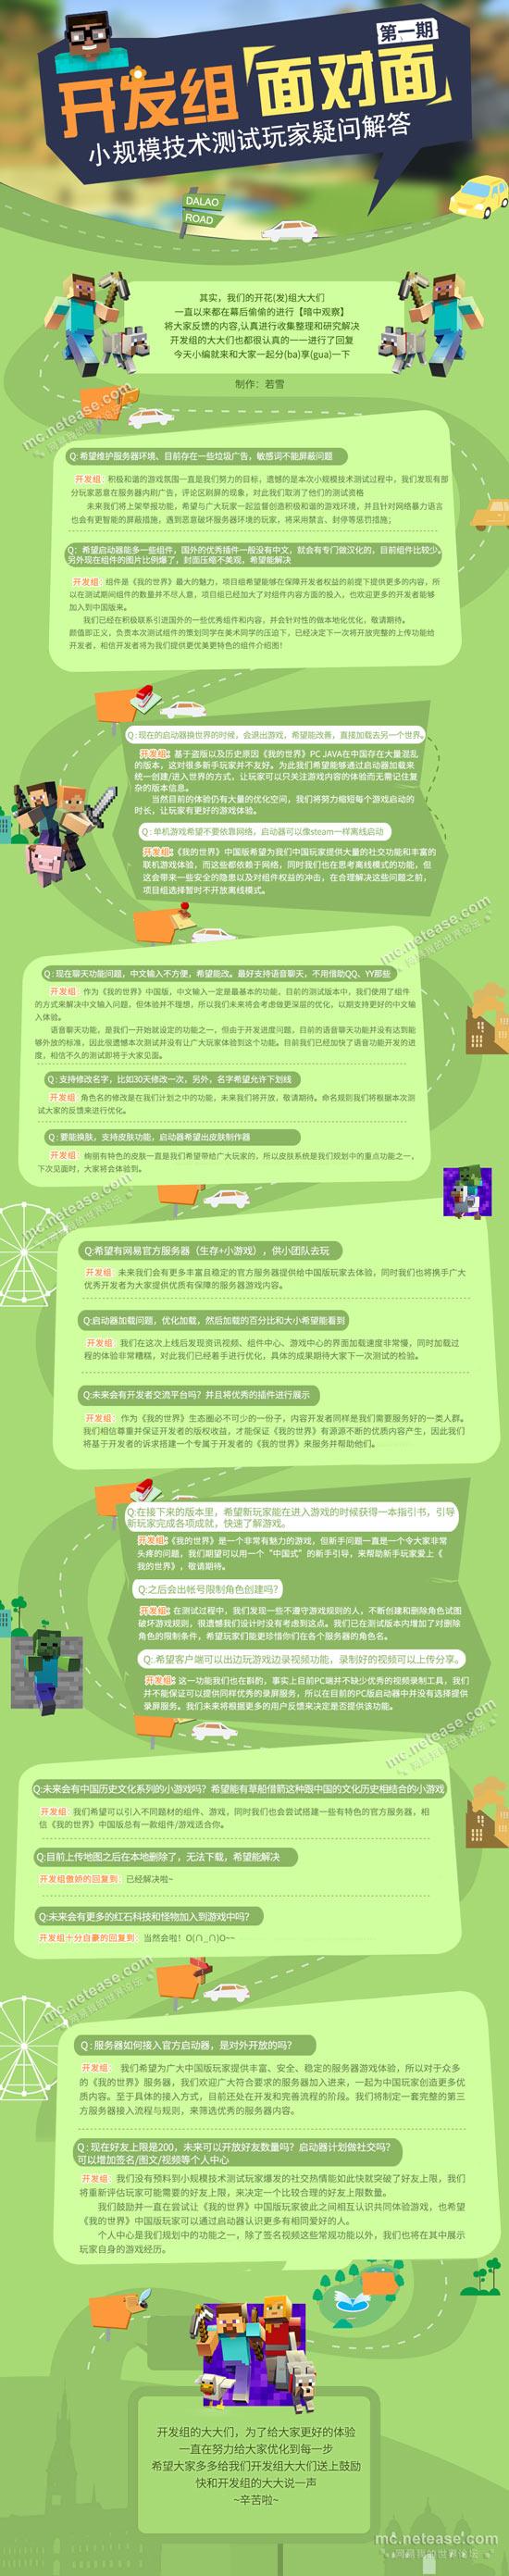 我的世界中国版玩家问题解答